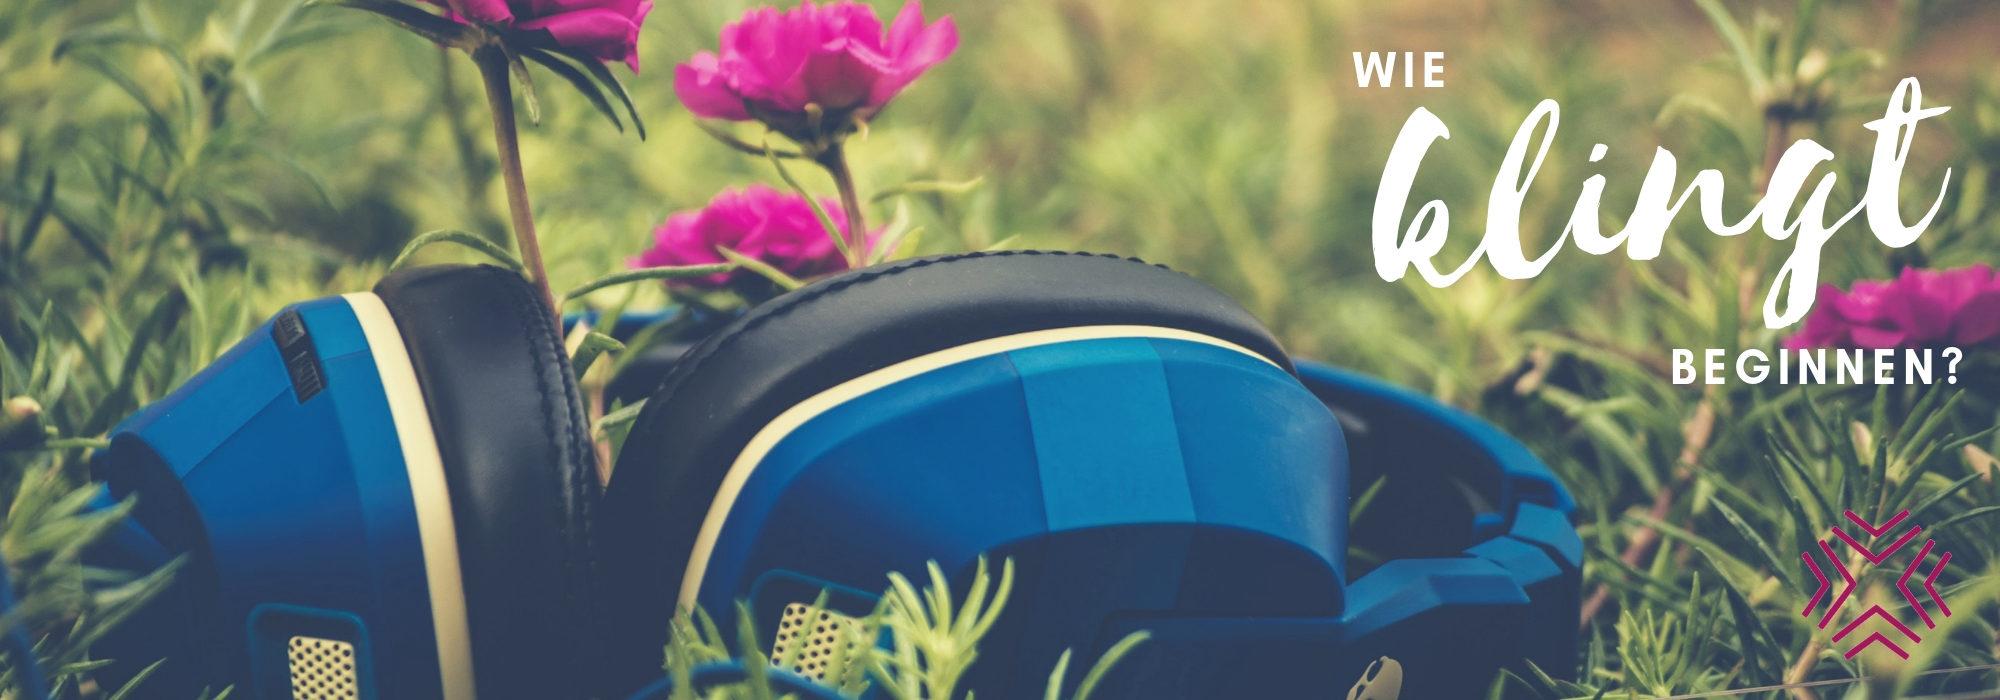 Kopfhörer liegt im Gras. Frage: wie klingt beginnen?